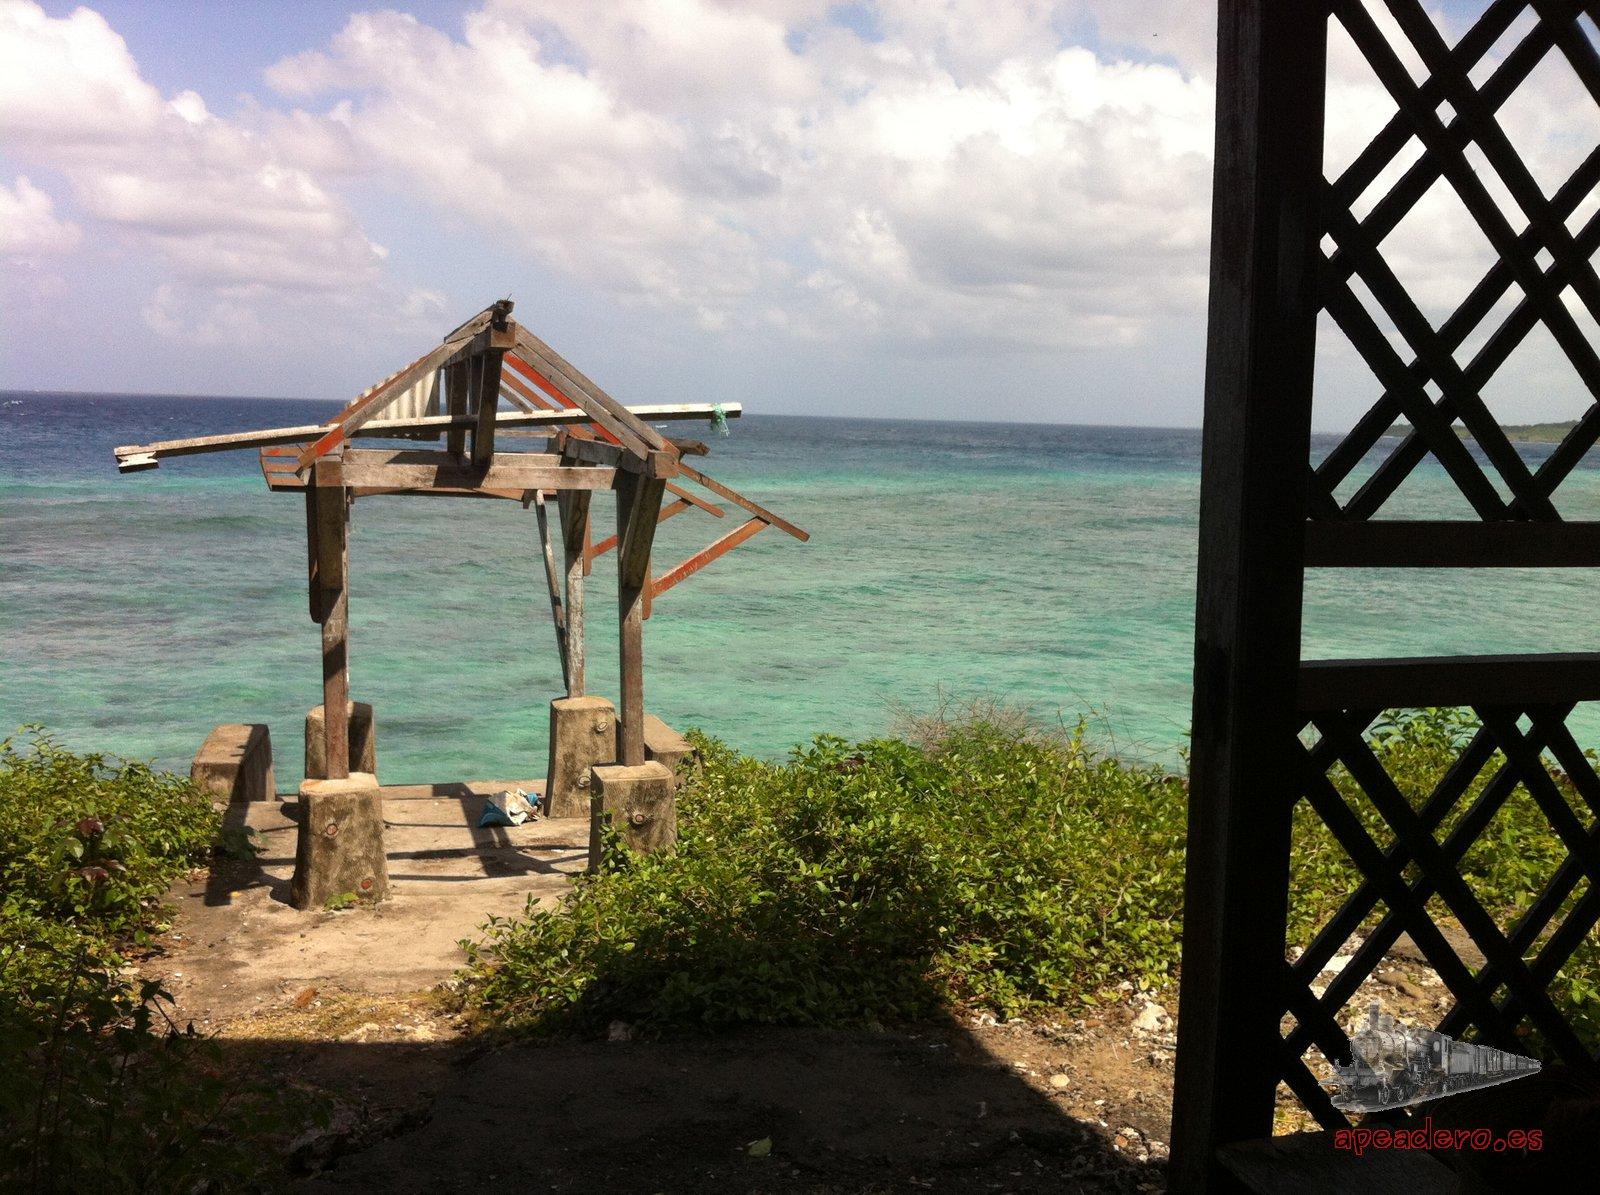 """Esa especie de atechado incompleto marca el lugar dónde están las primeras escaleras de acceso a la zona de snorkeling. Toda esta zona era un viejo hotel que ahora está en horas bajas. Aunque ponga un rótulo de """"hotel"""" entrad sin miedo, ya no está, solo quedan algunos edificios."""